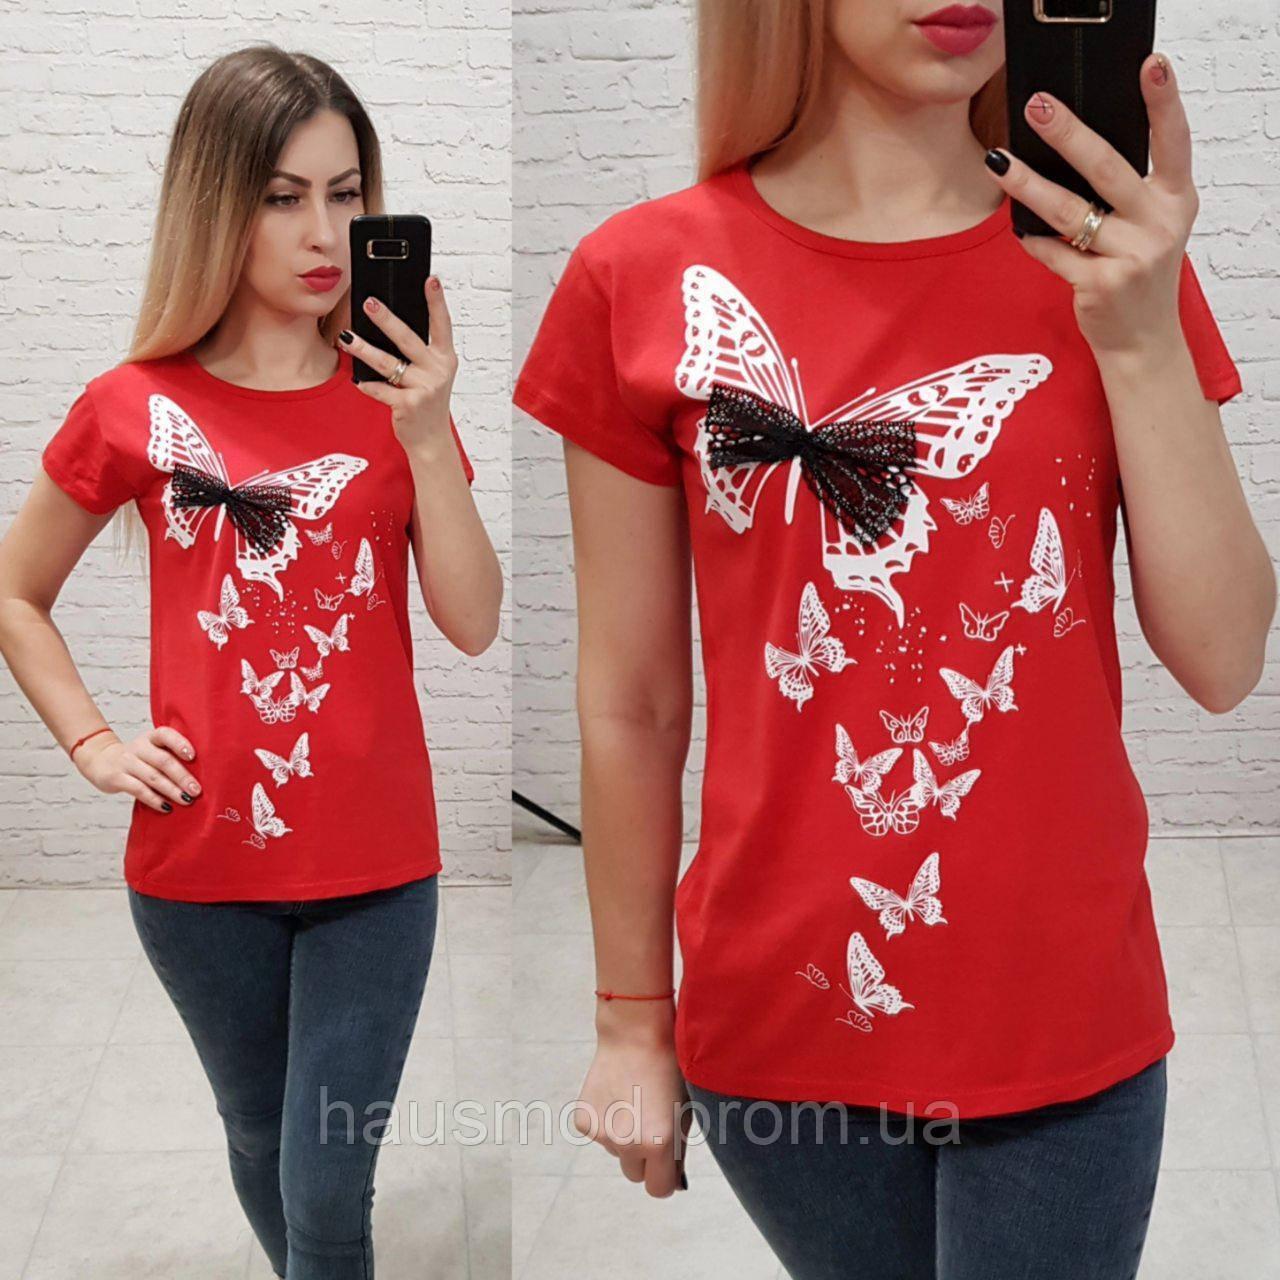 Женская футболка 100% катон бабочки Турция красная